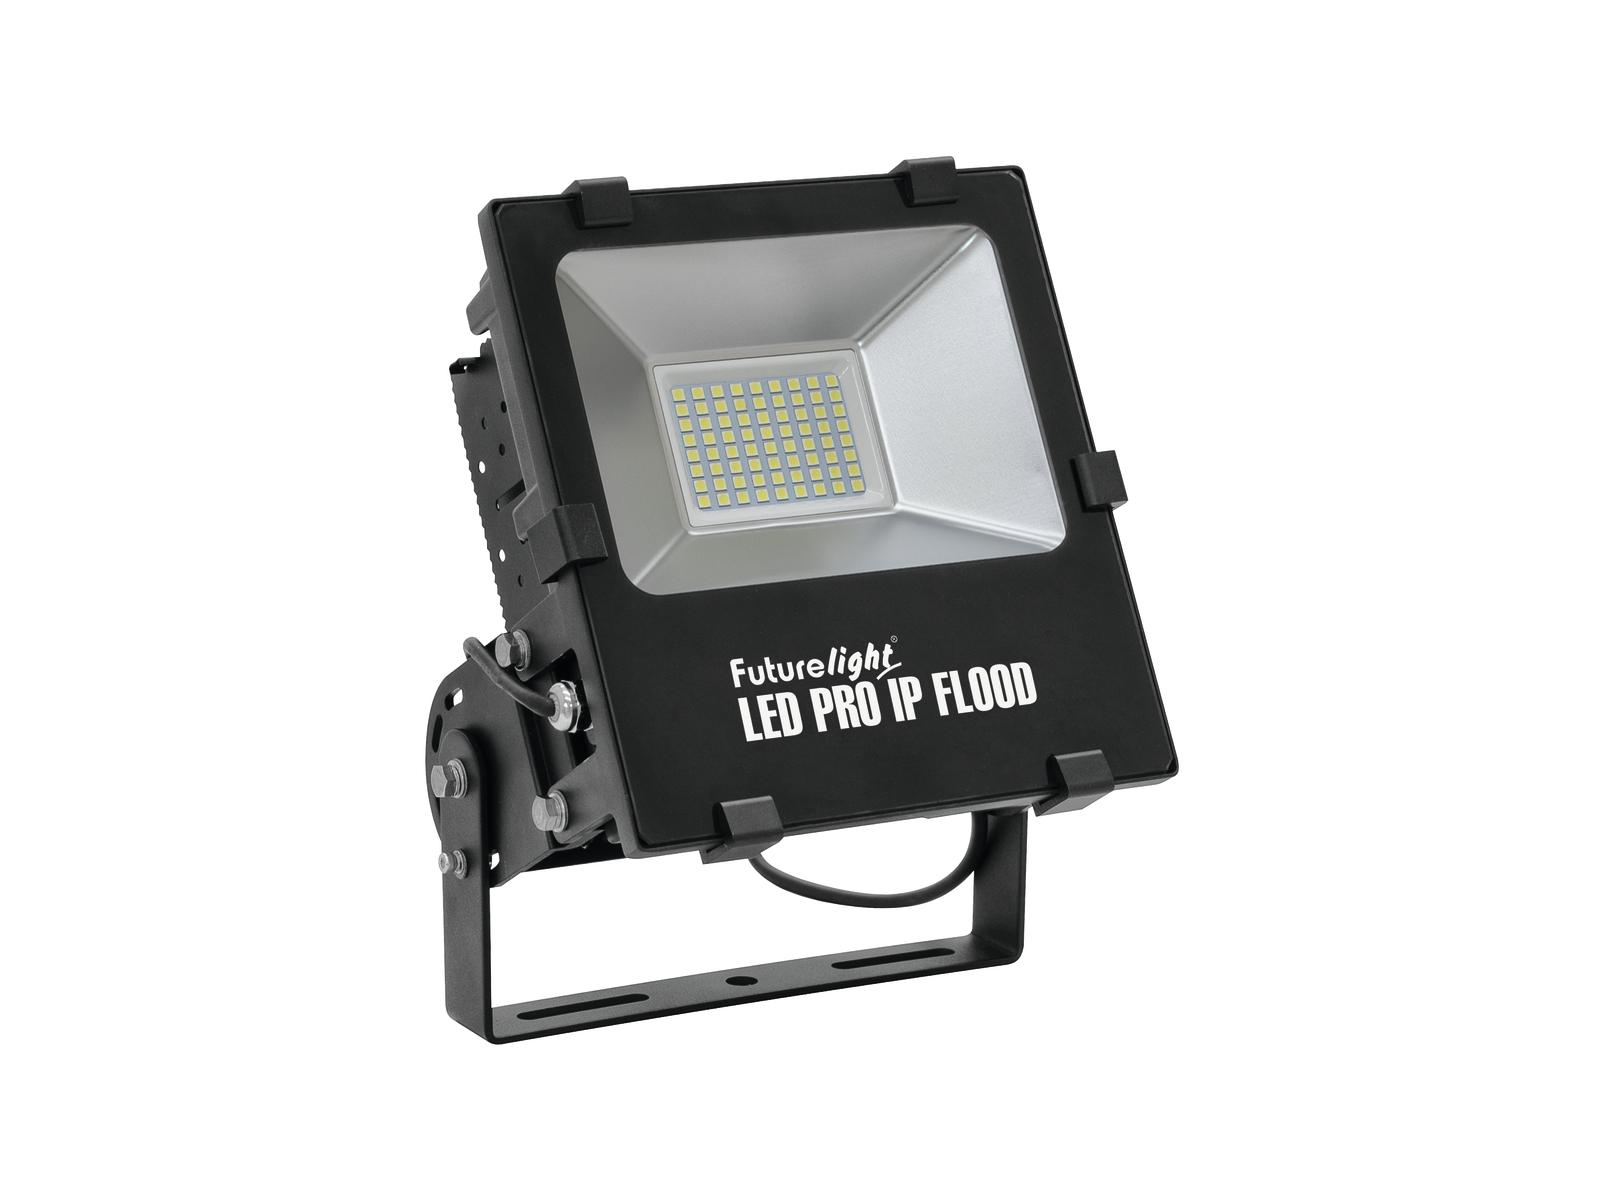 Fotografie Futurelight LED PRO IP Flood 96 SMD, venkovní reflektor, IP65